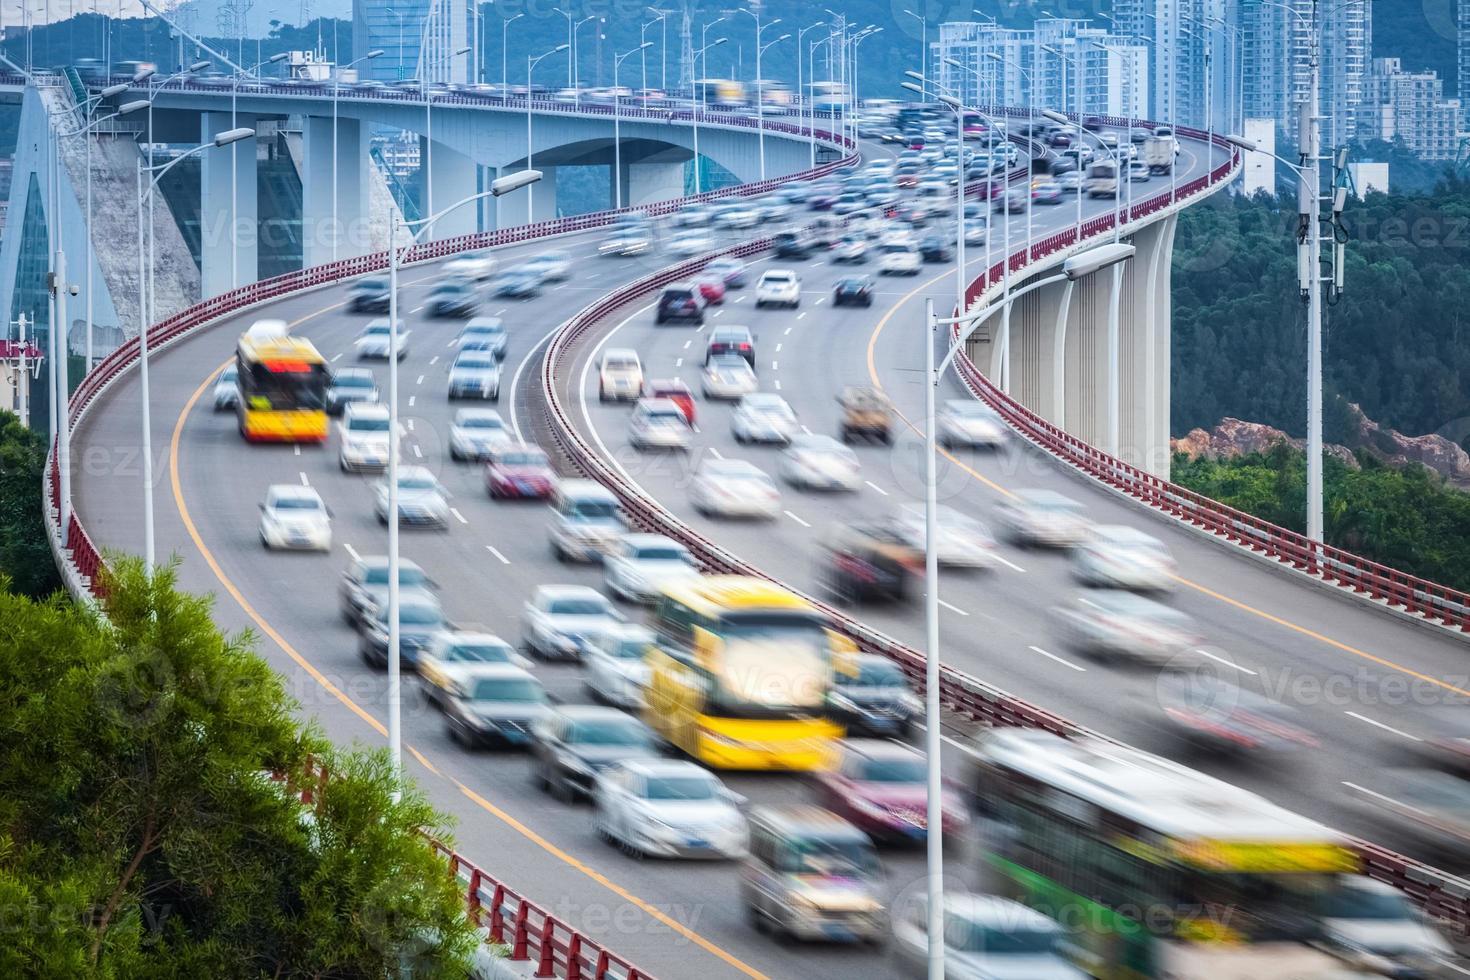 Desenfoque de movimiento de vehículos en el puente foto